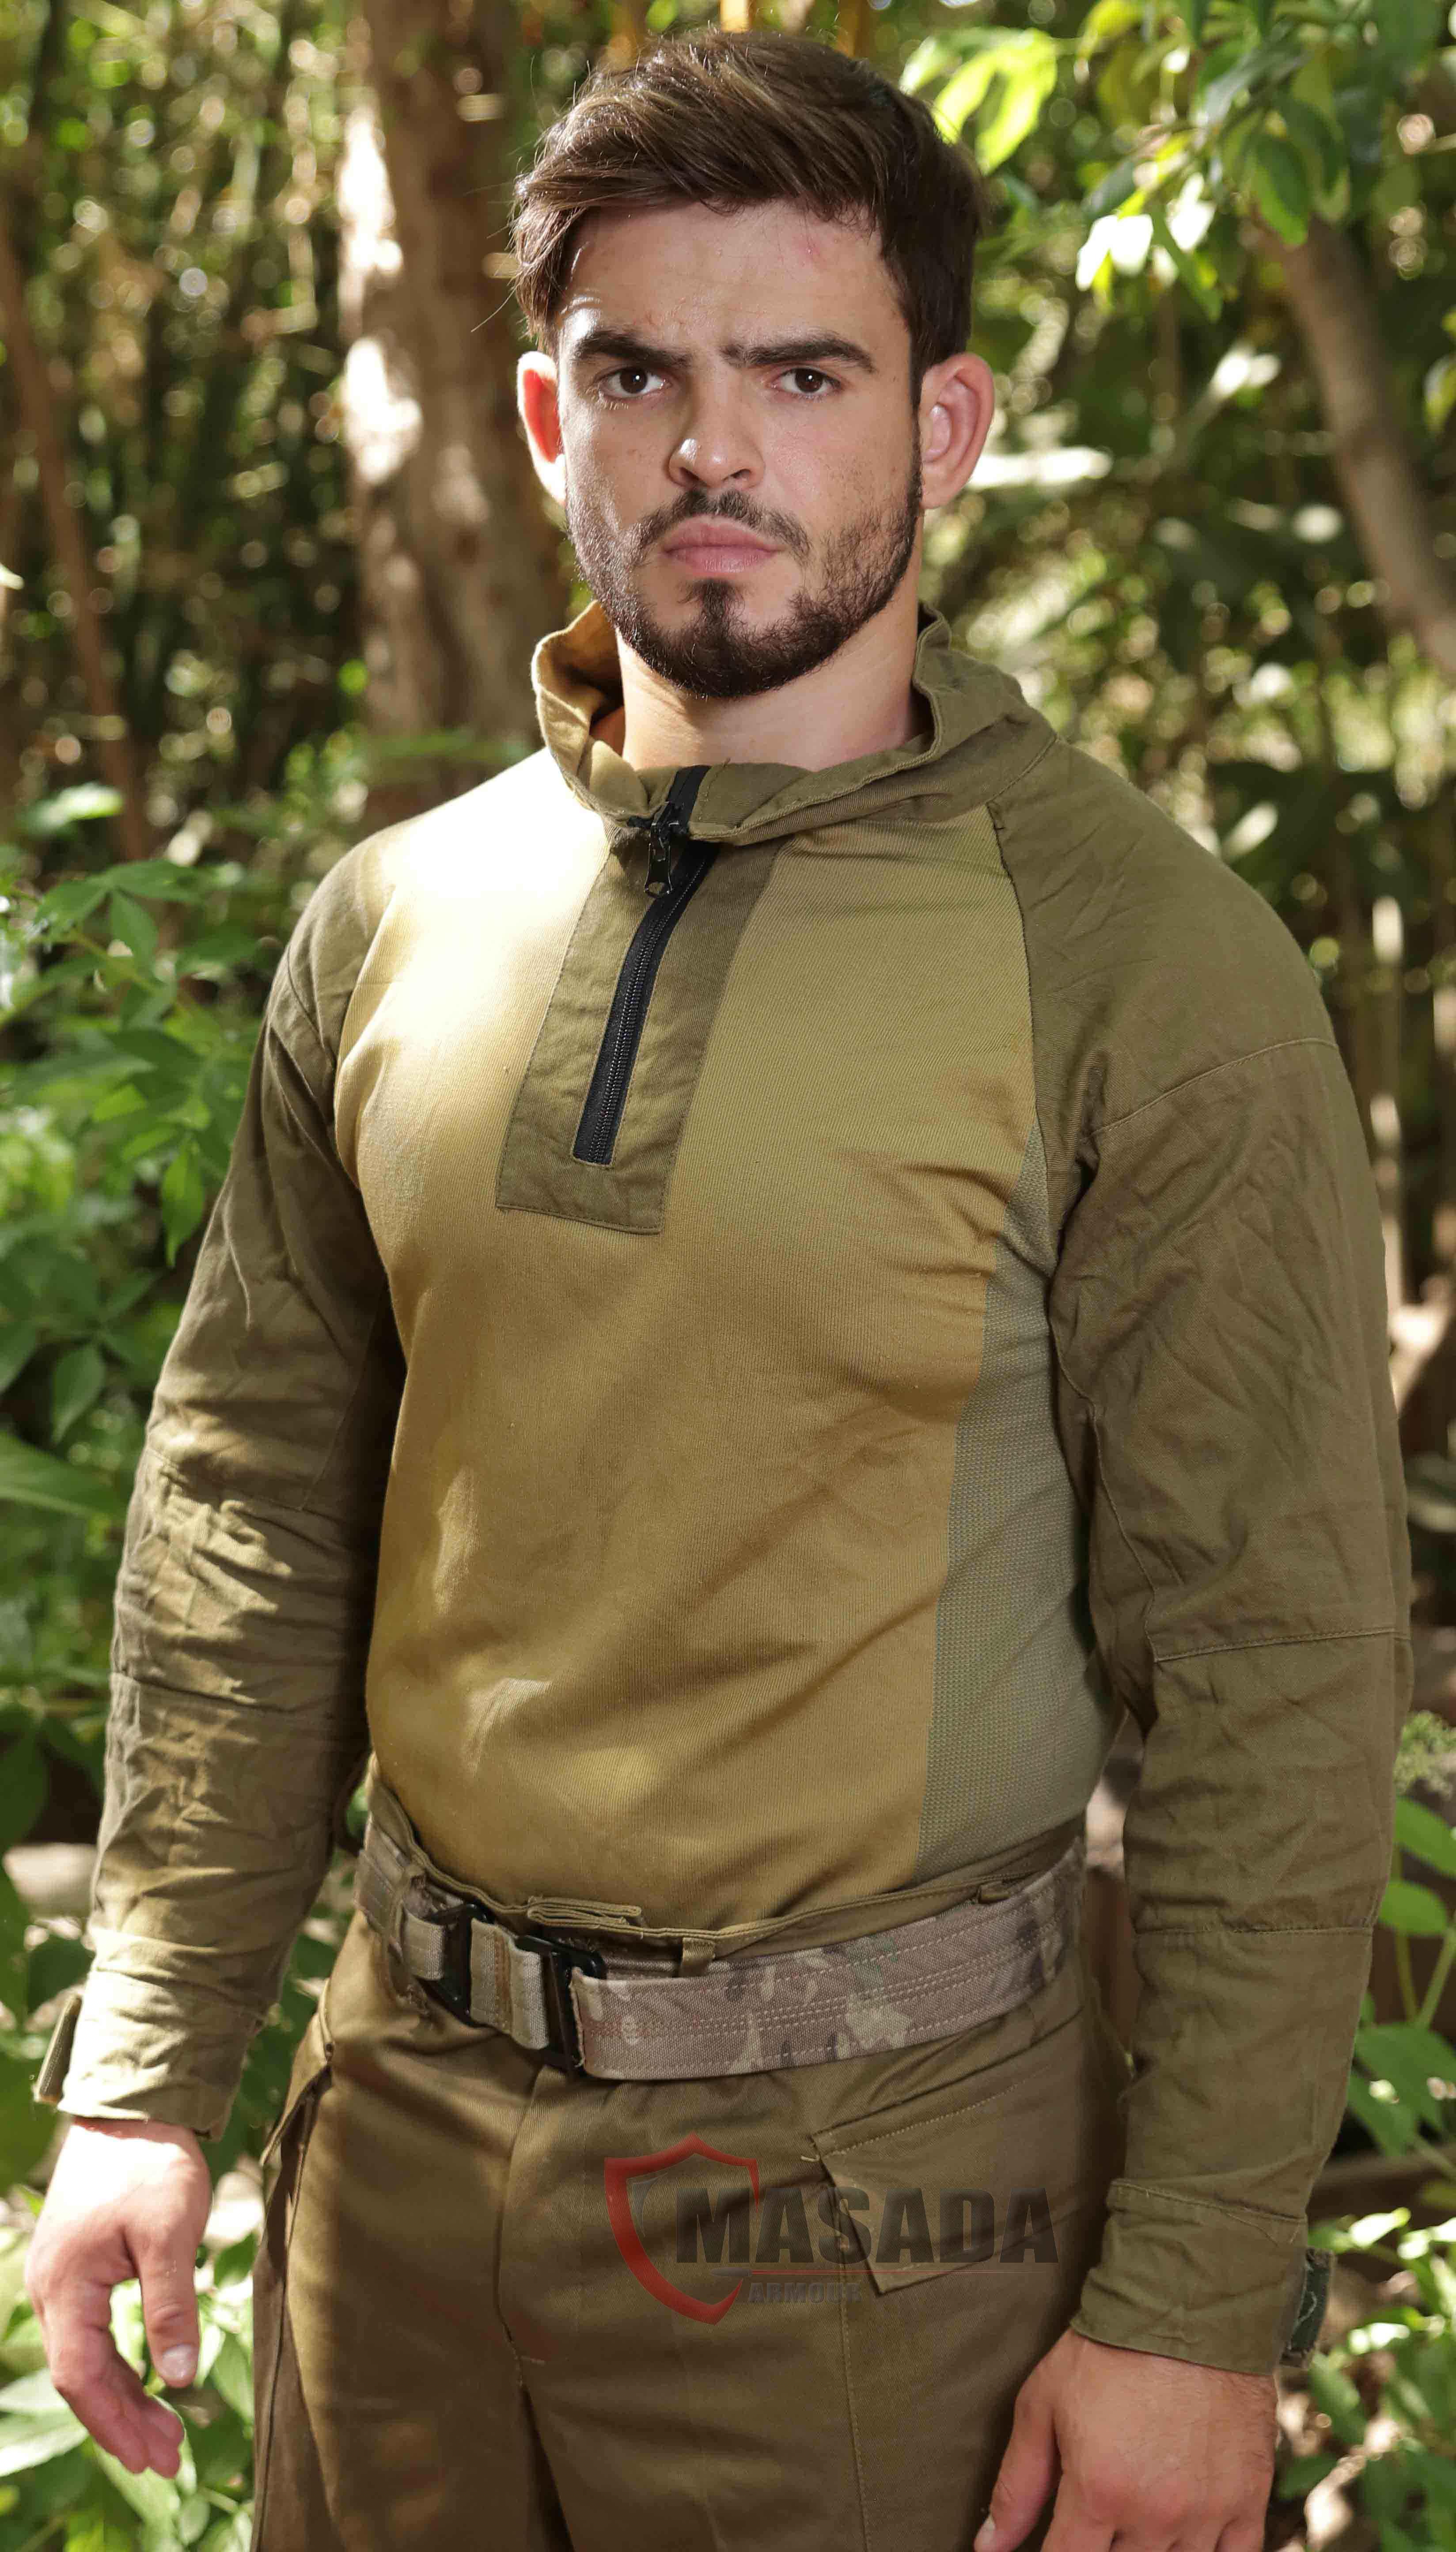 IDF combat shirt